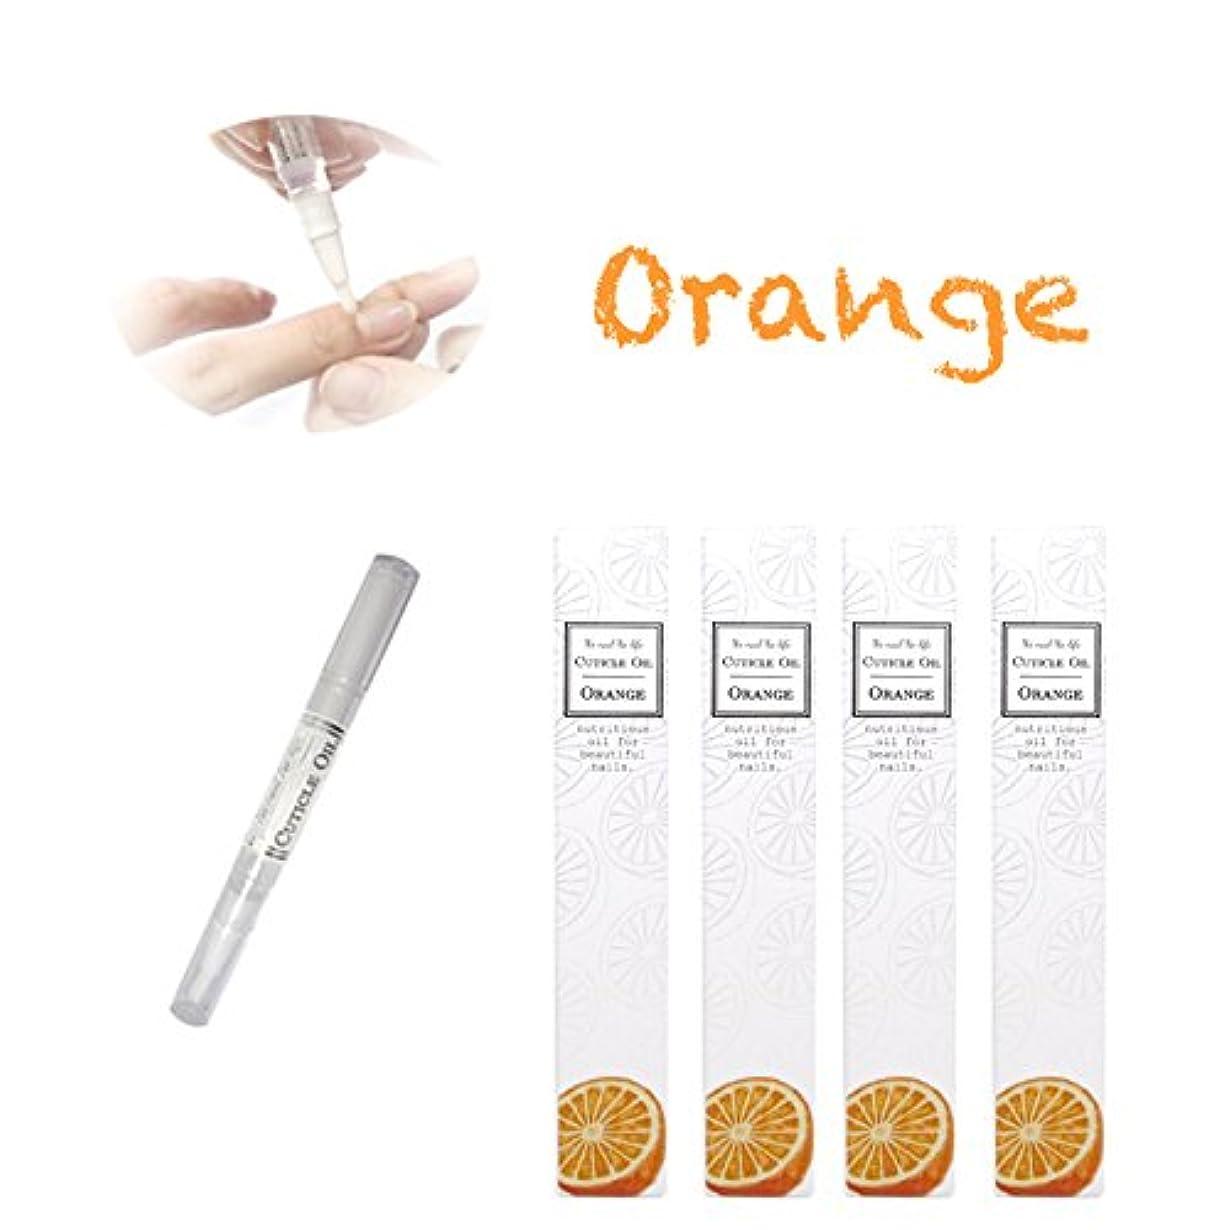 精査繊毛加速するネイルオイル ペンタイプ 改良型 オレンジ の香り お得な4本セット 追跡番号付き